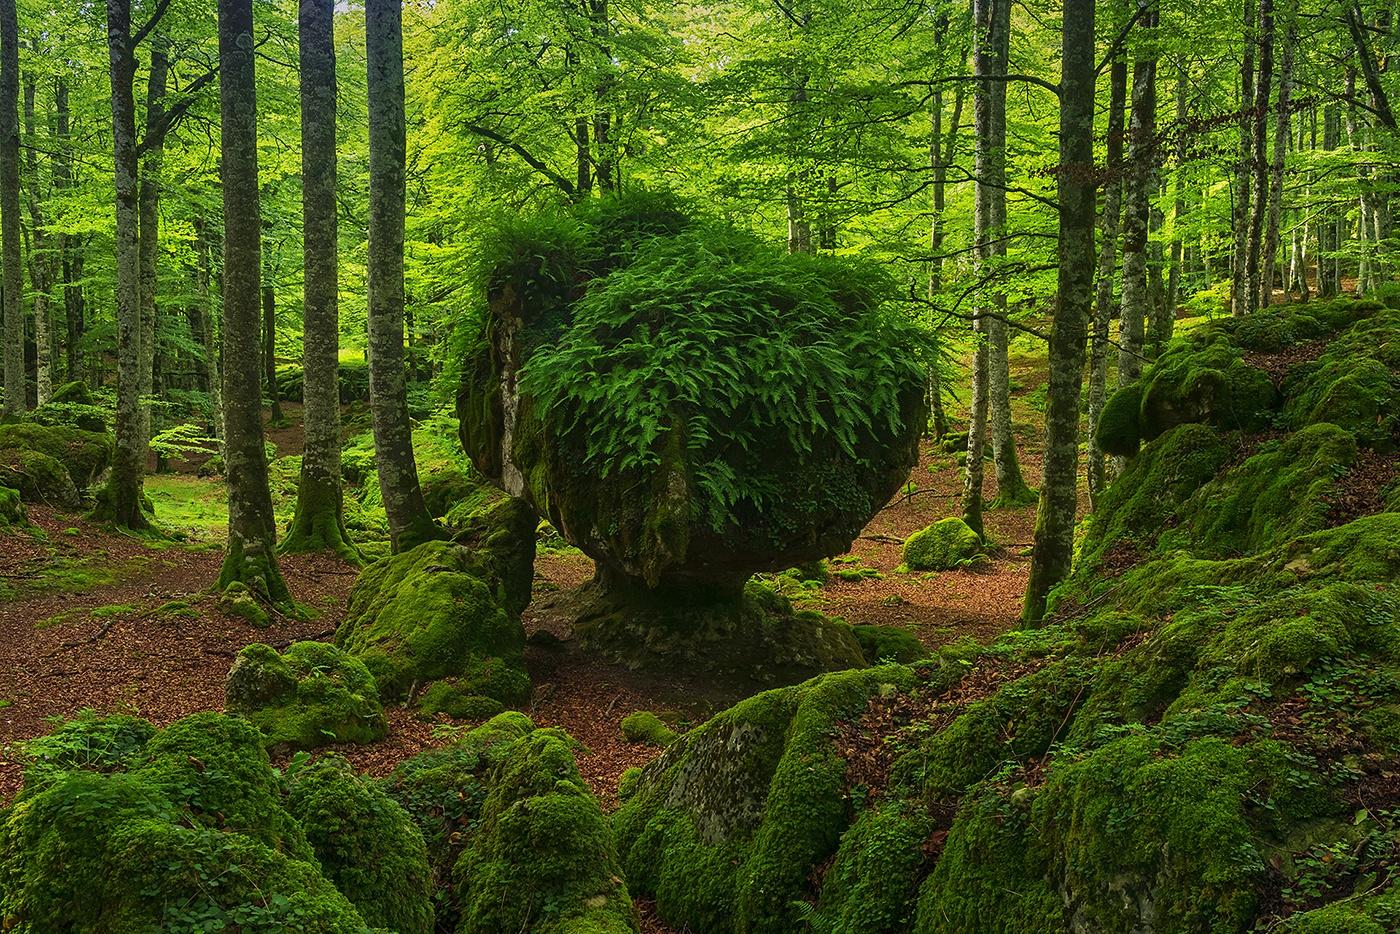 Urbasa - Waldeinsamkeit - Peter Manschot Al Andalus Photo Tour, Landscape photography photos prints workshops Andalusia Spain